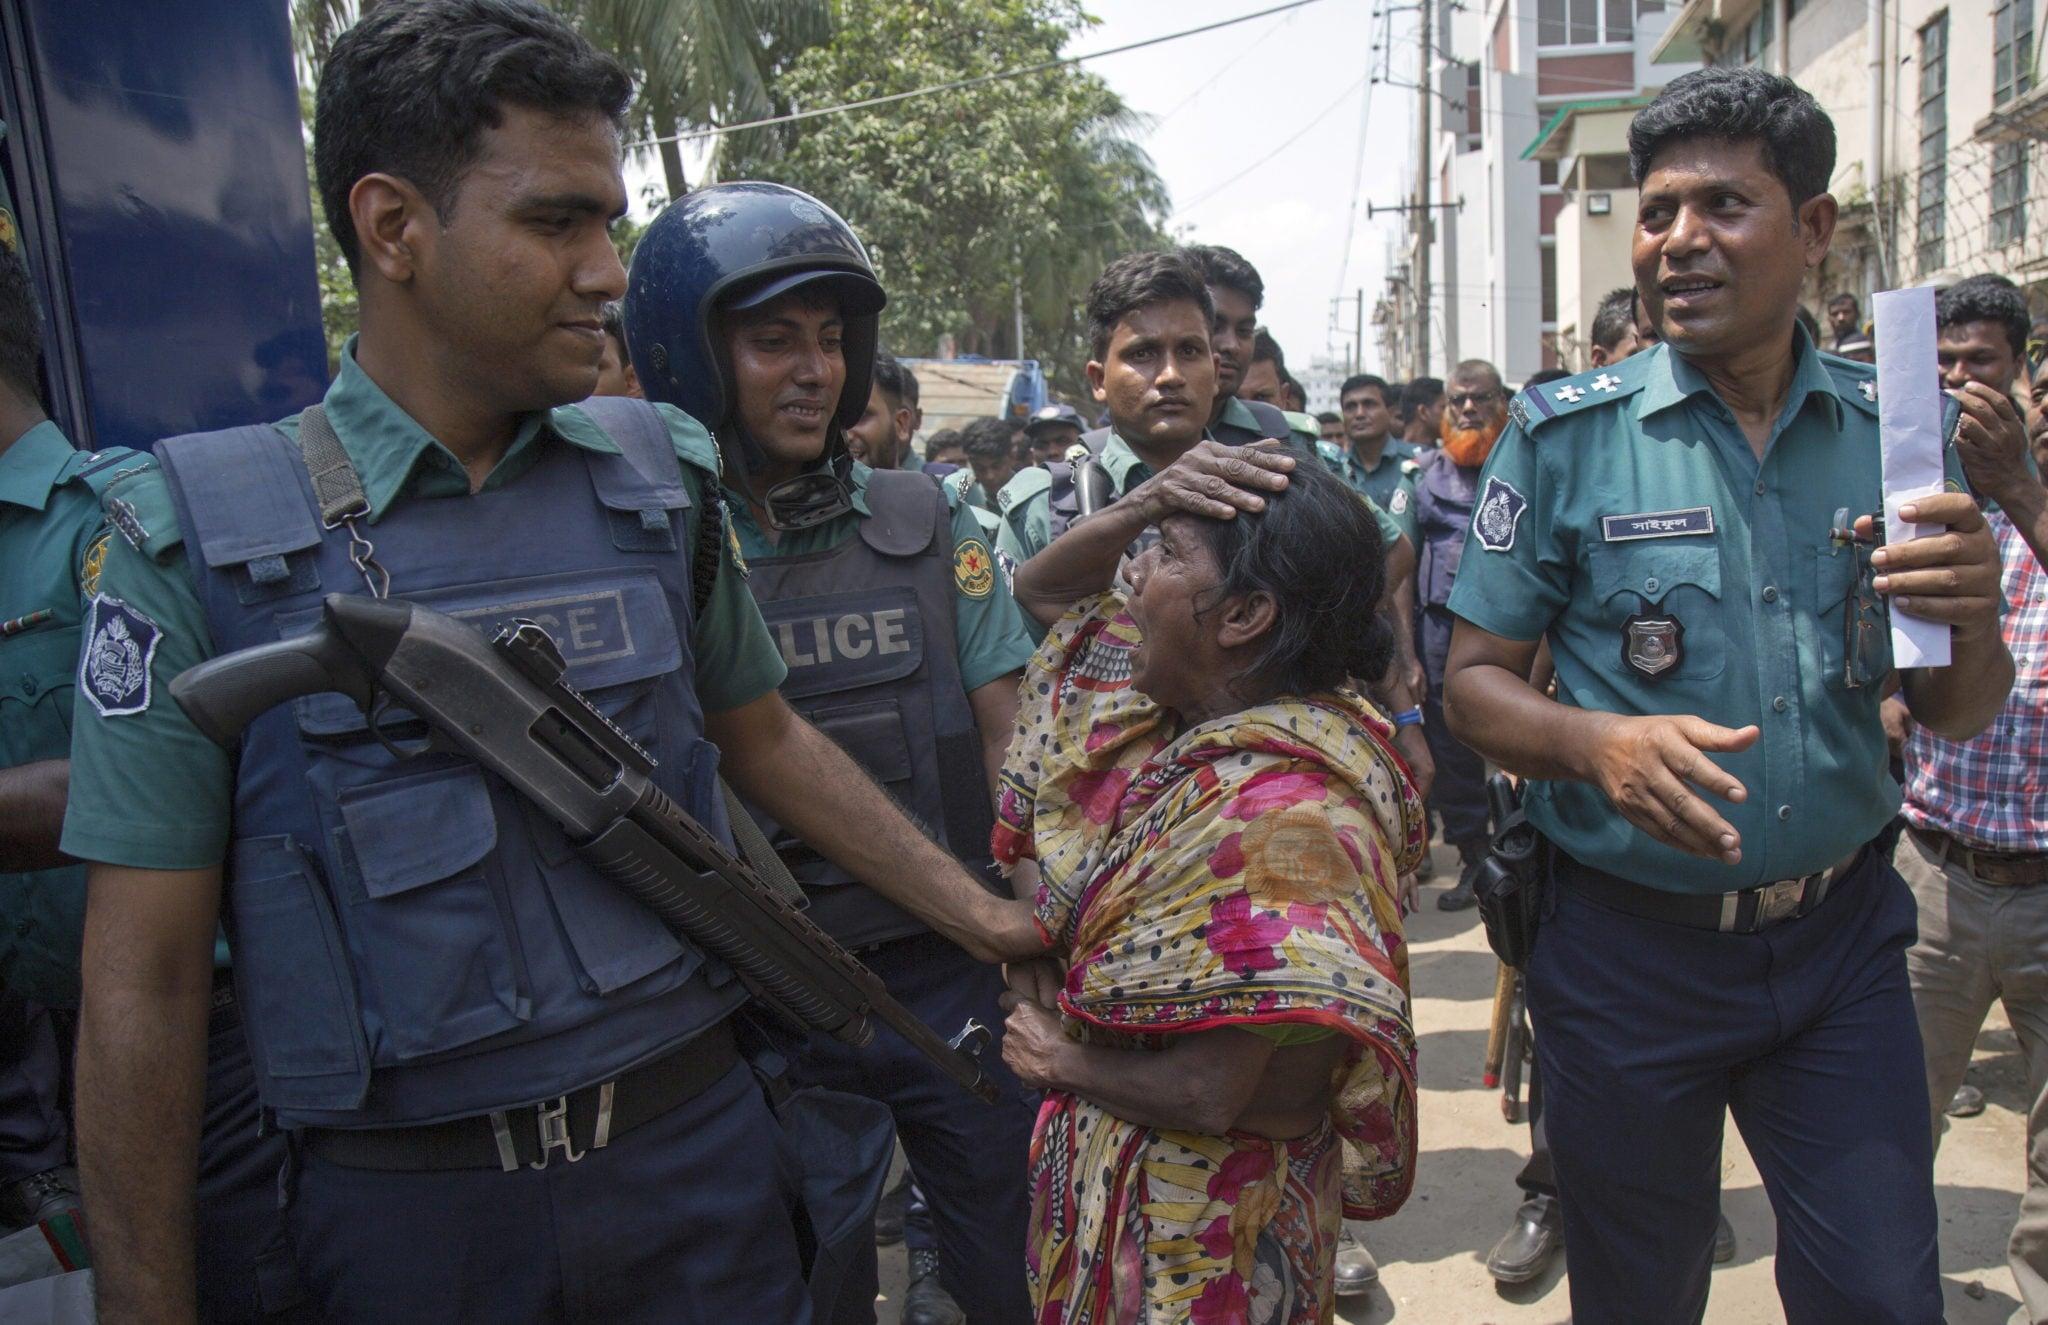 Reakcja kobiet po tym, jak ich synowie zostali aresztowani przez członków policji podczas operacji antynarkotykowej w Dhalpur City w Dhace w Bangladeszu, fot: Monirul Alam, PAP/EPA